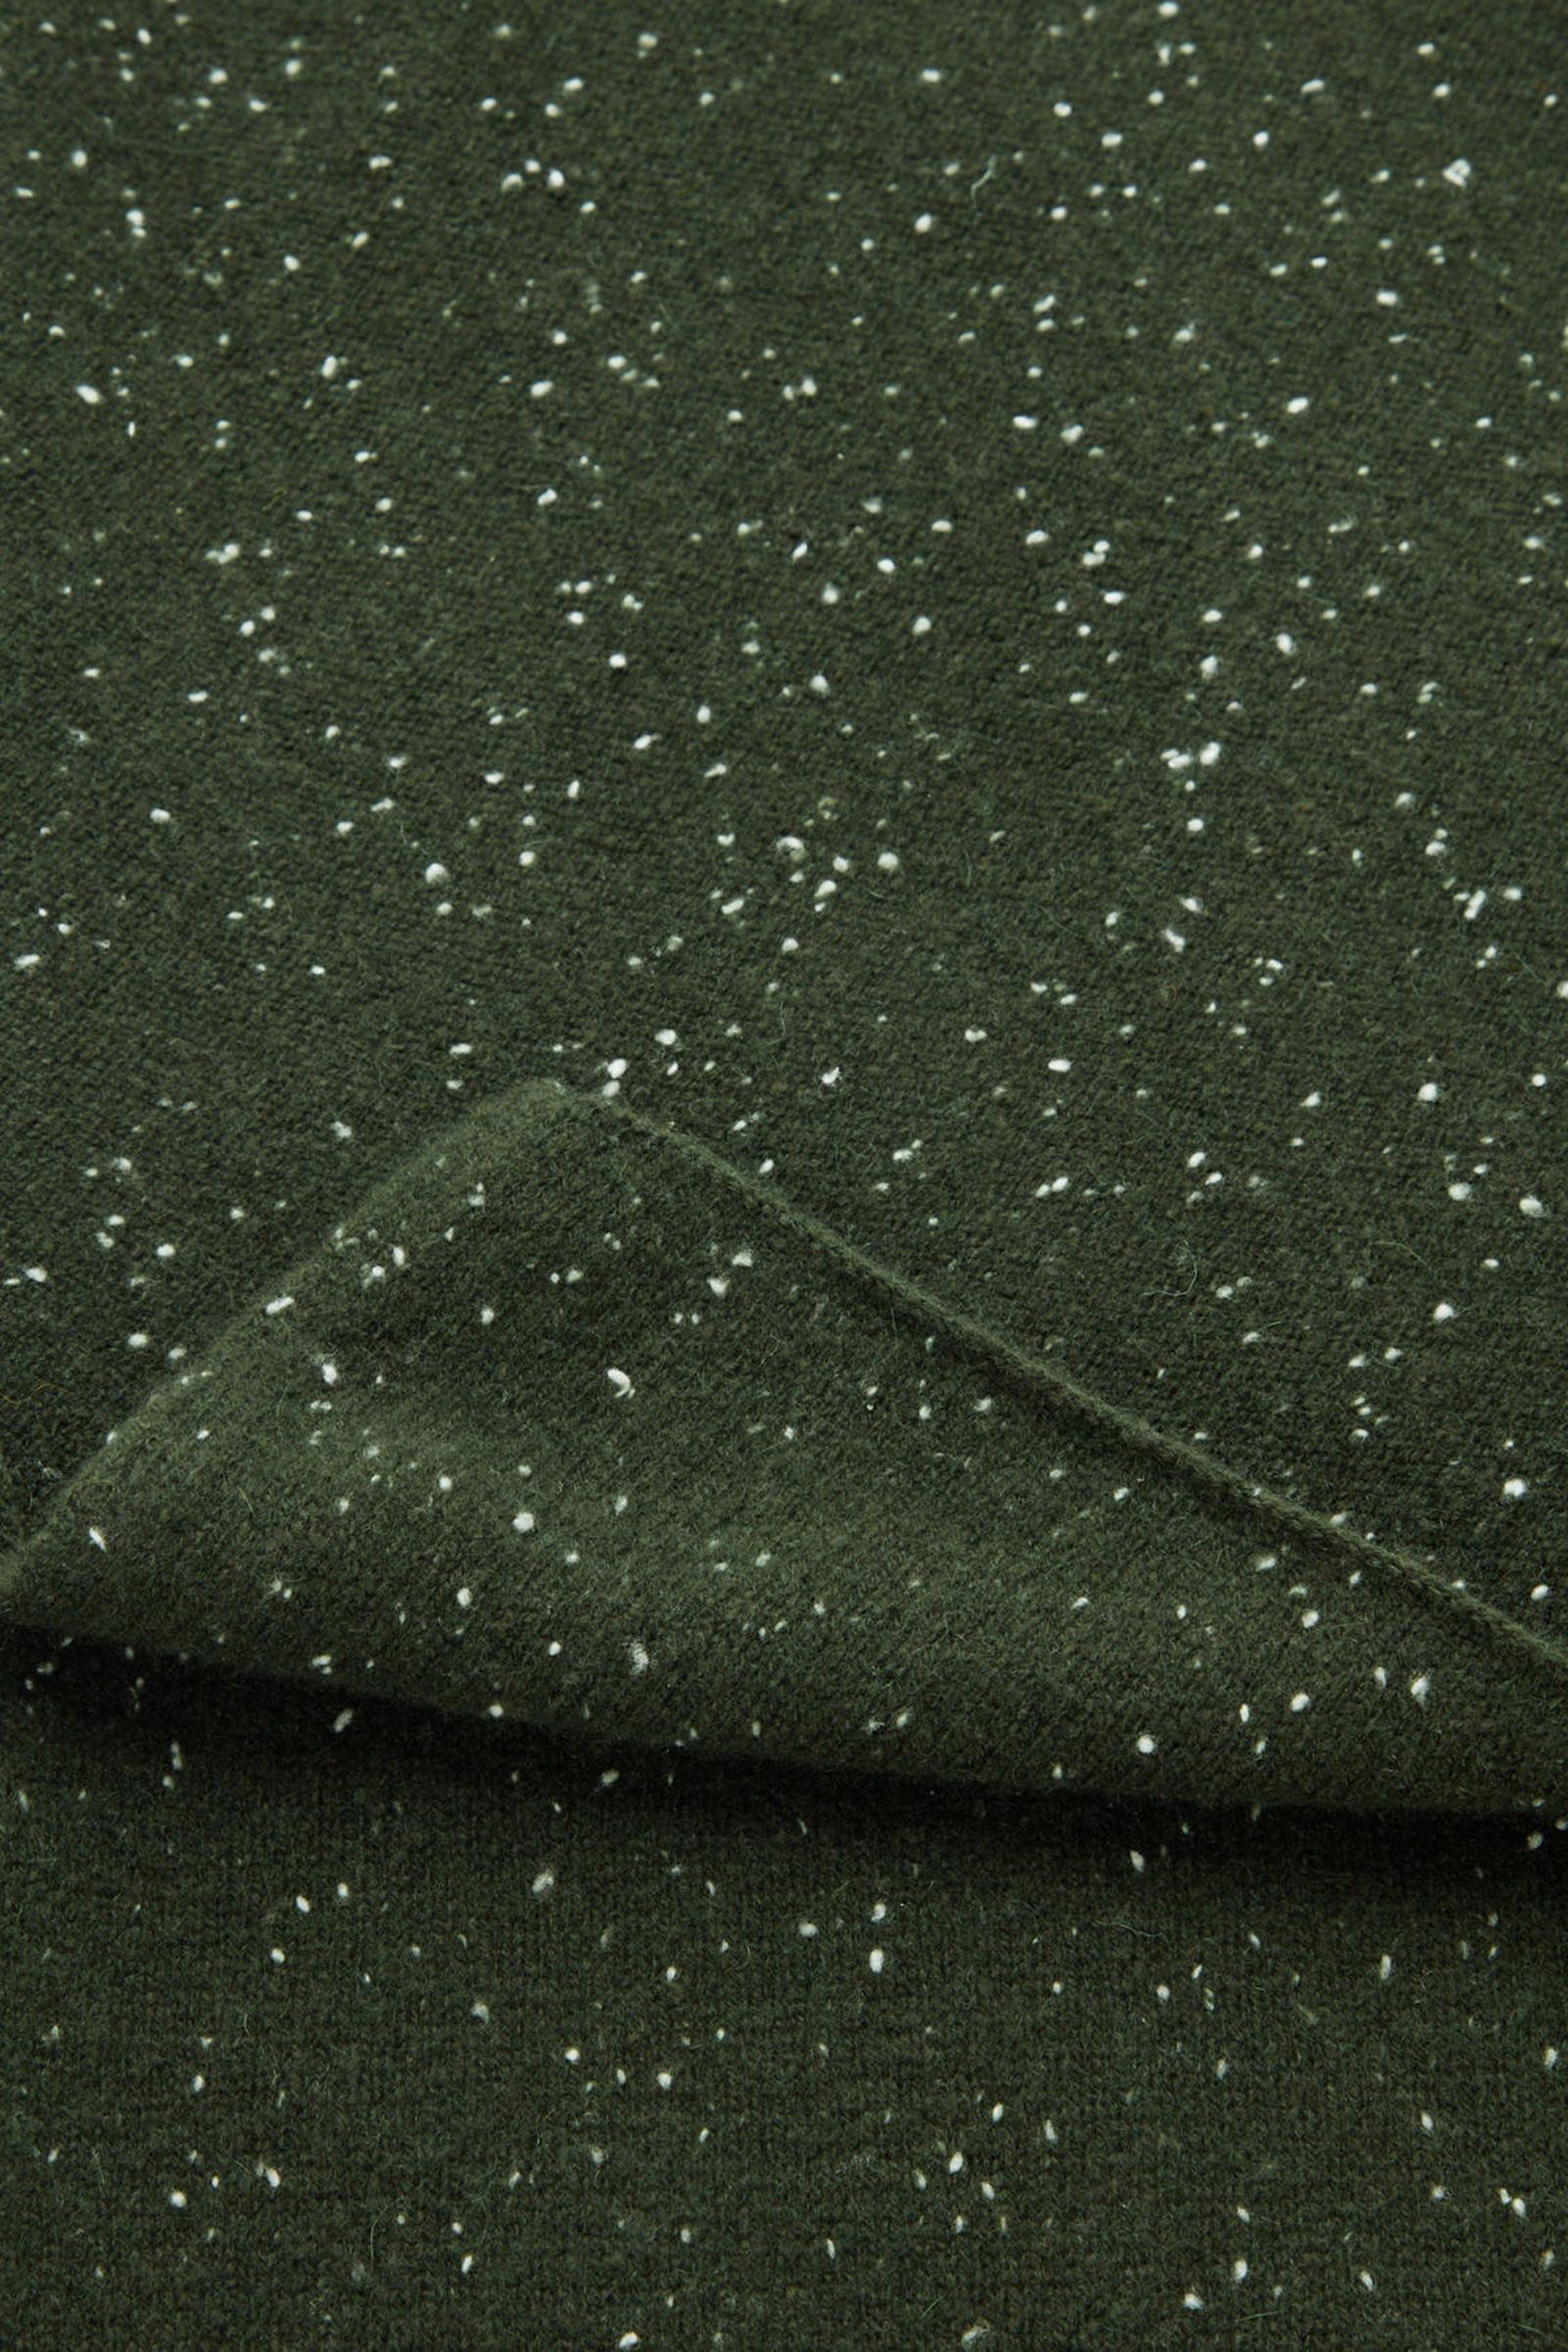 COS 스페클드 캐시미어 스카프의 포레스트 그린 / 화이트컬러 Detail입니다.